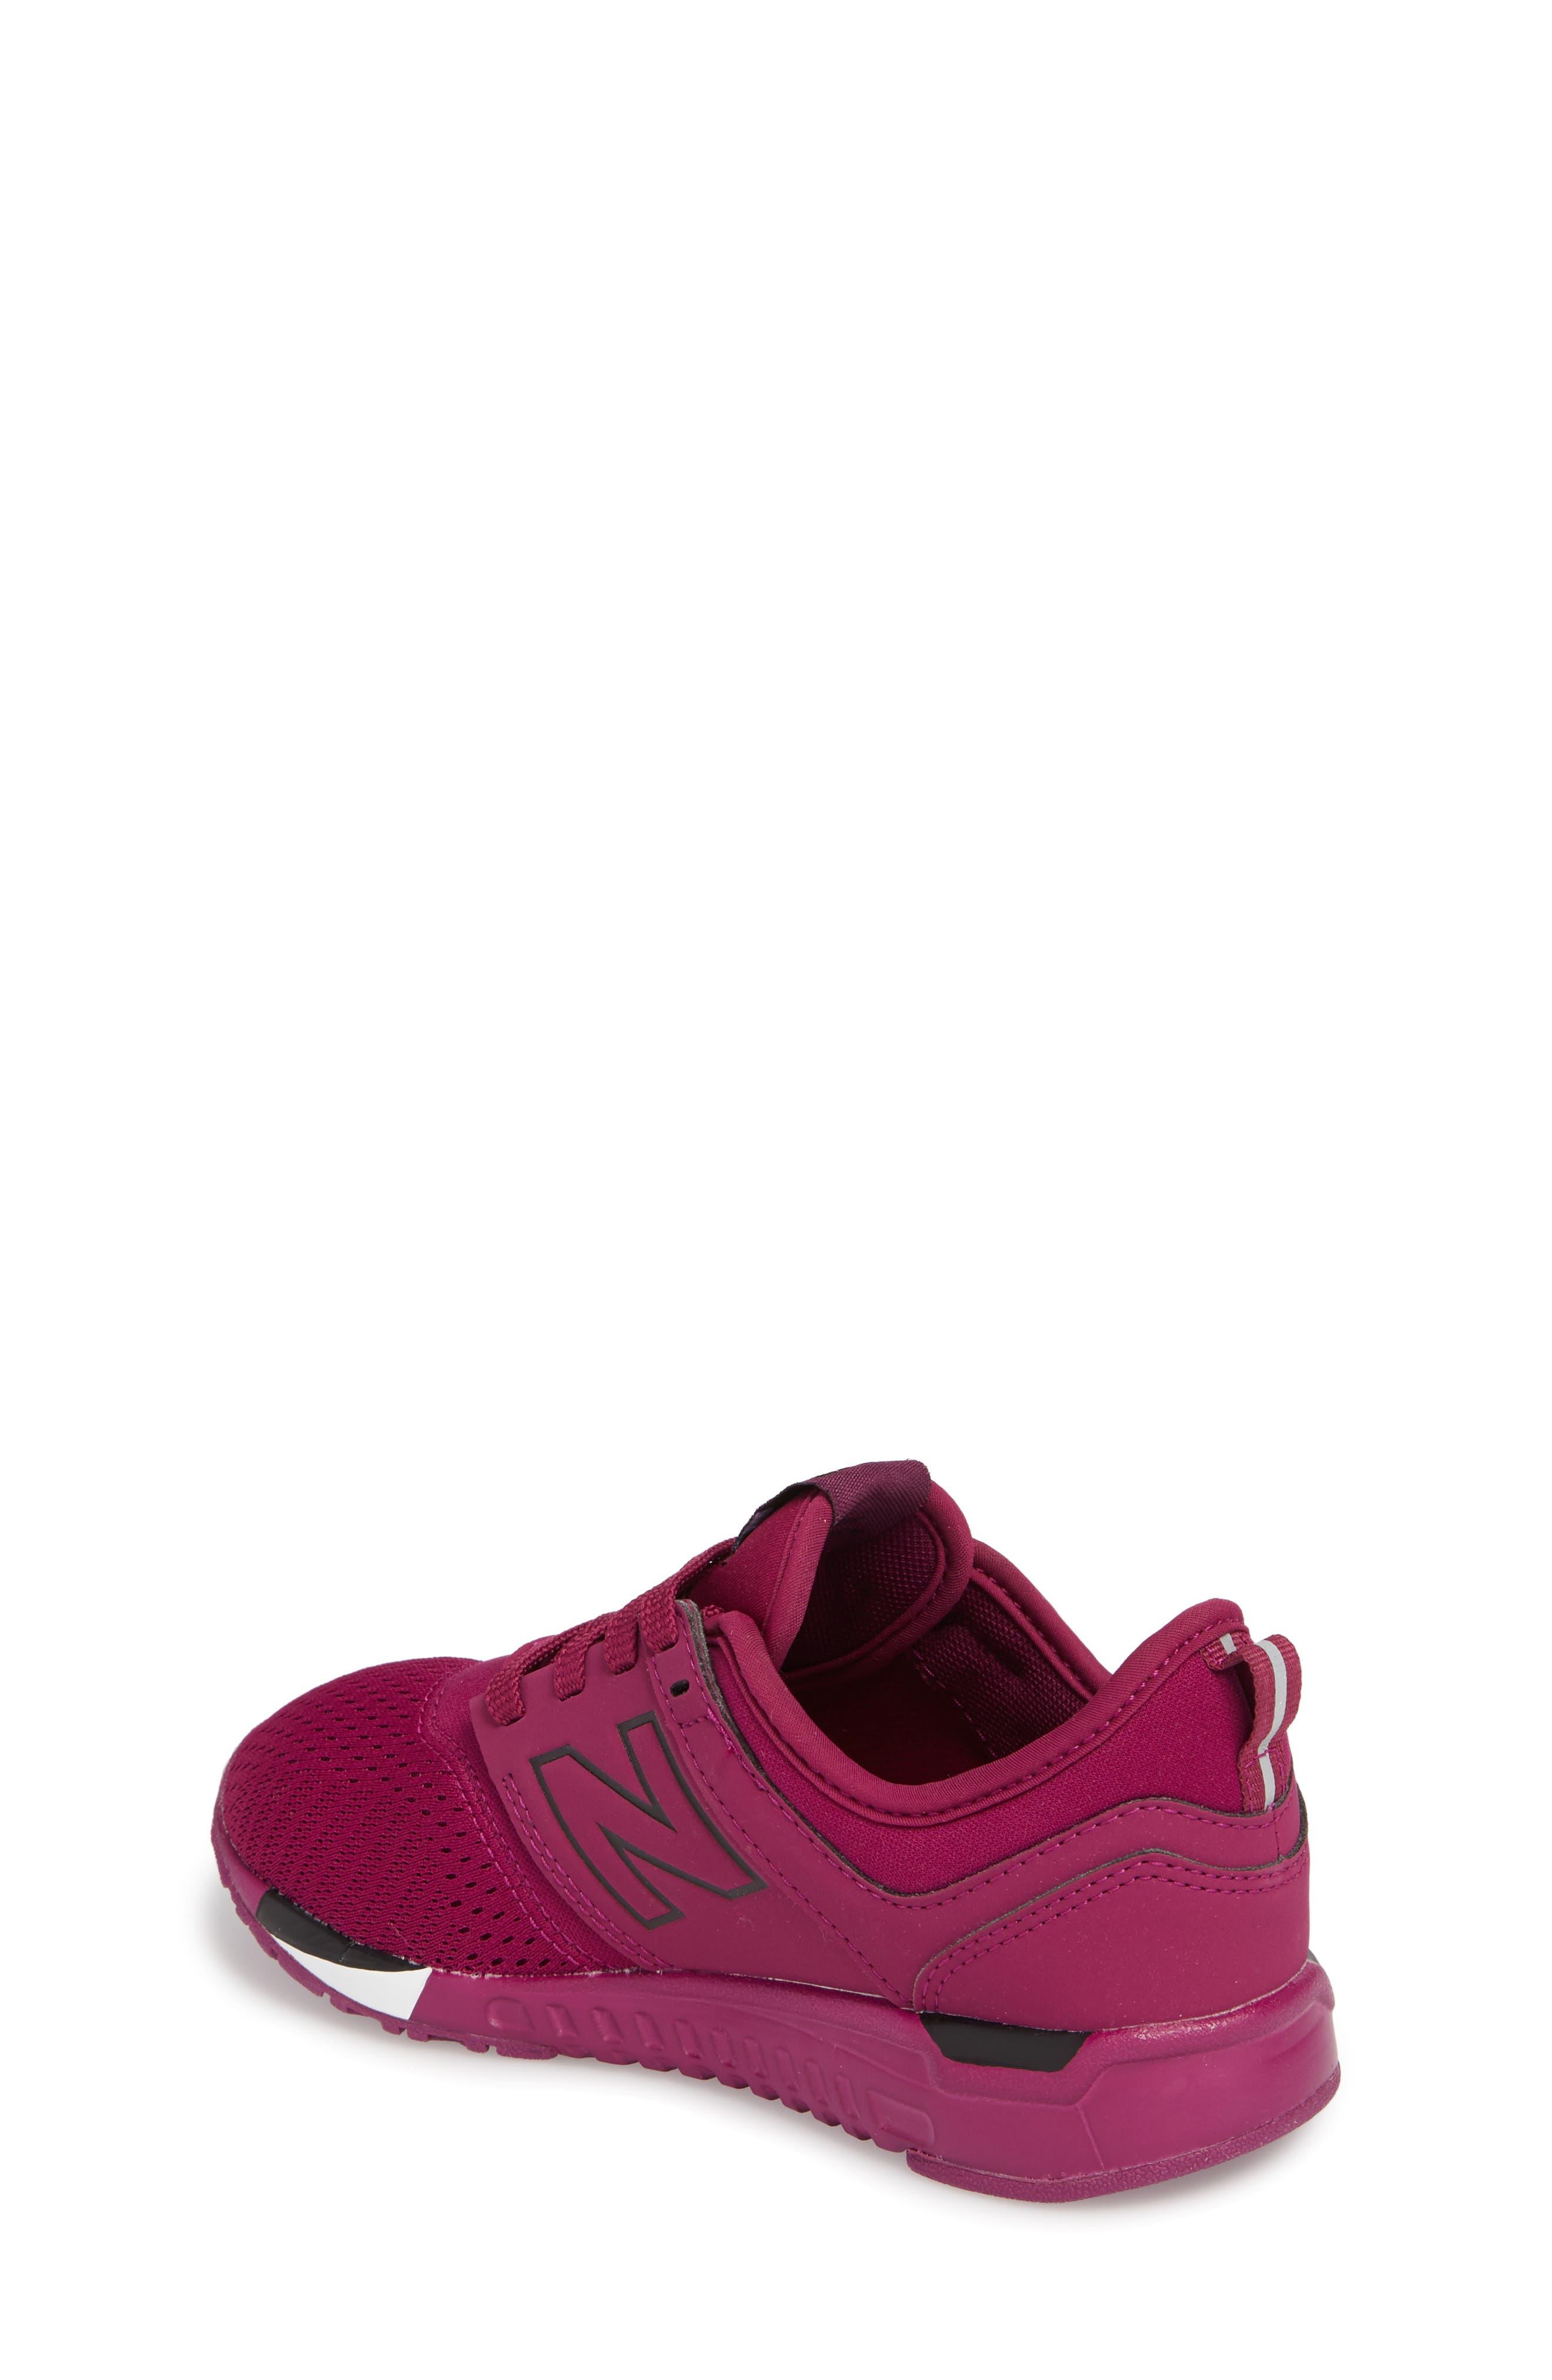 247 Sport Sneaker,                             Alternate thumbnail 2, color,                             Red/ Black